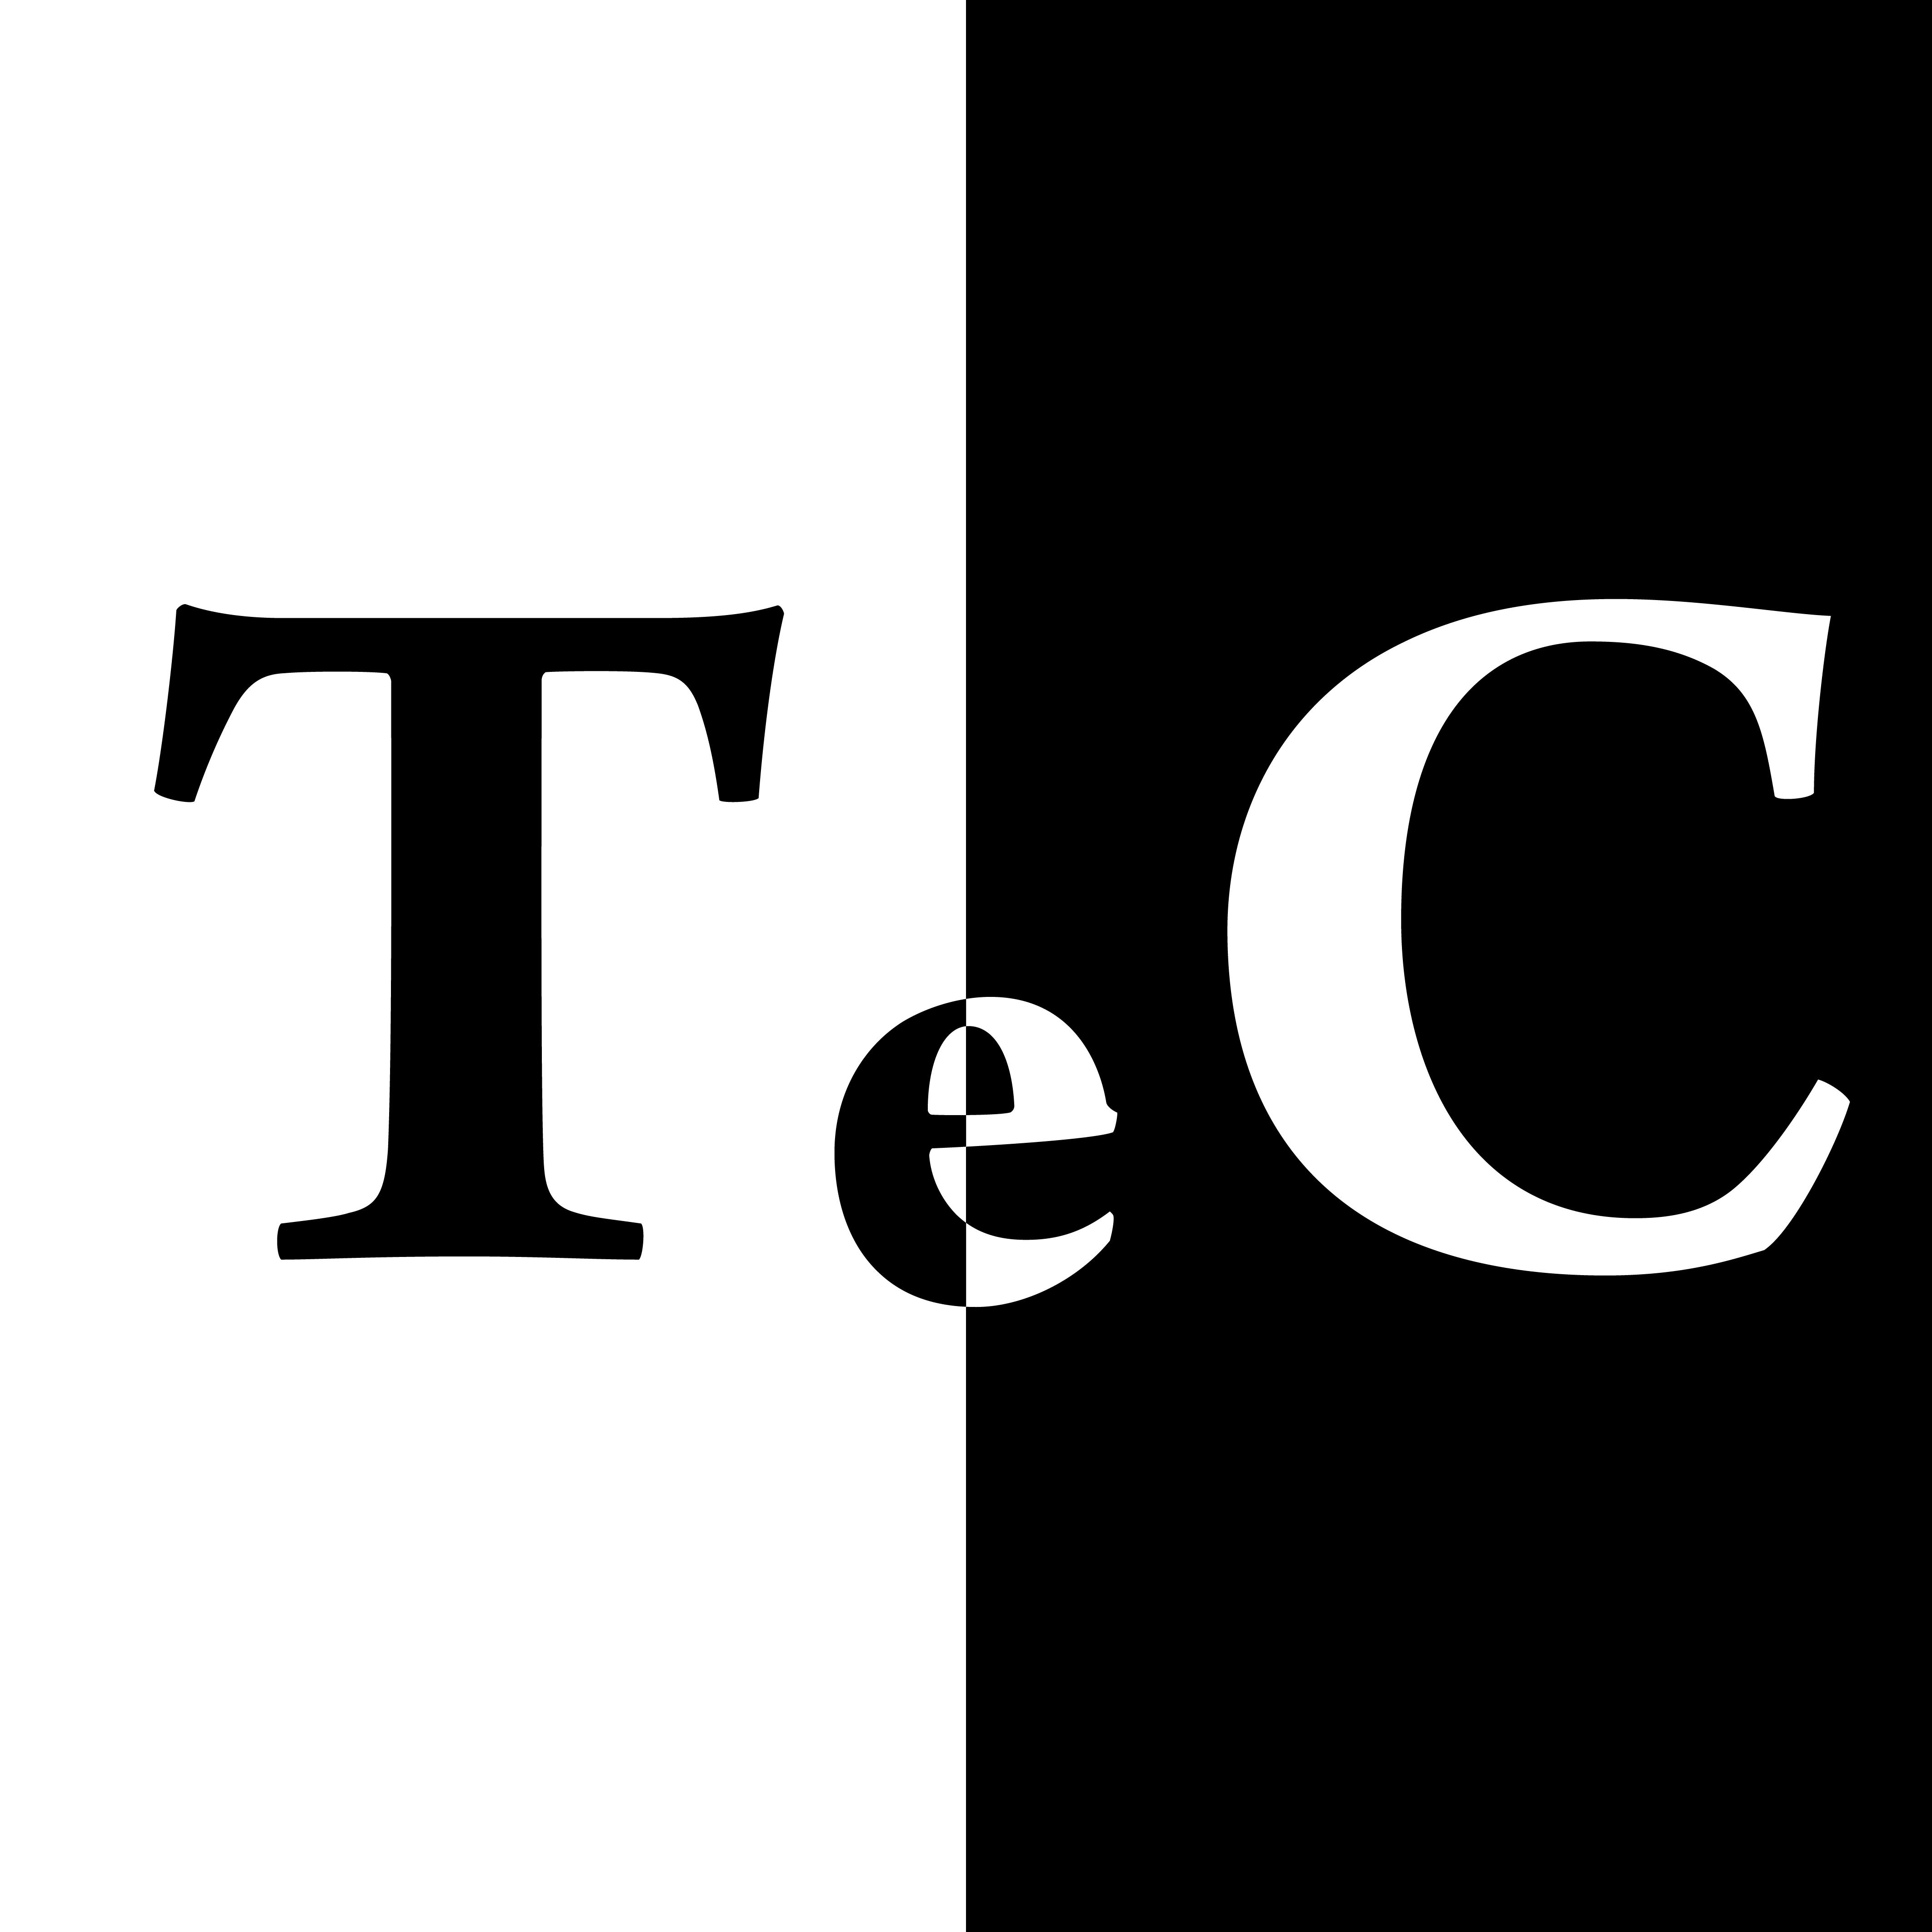 Teoria e Cultura é uma publicação semestral do Programa de Pós-Graduação em Ciências Sociais da Universidade Federal de Juiz de Fora, destinada à divulgação e disseminação de textos na área de Ciências Sociais (antropologia, ciência política e sociologia), estimulando o debate científico-acadêmico. O projeto editorial contempla artigos científicos, verbetes, ensaios, resenhas, entrevistas, fotografias e traduções de textos da área de ciências sociais. A revista publica predominantemente em português e é aberta a outras línguas, havendo justificativa editorial. A revista está classificada, de acordo com a atual avaliação da CAPES, como QUALIS B2 em Sociologia.